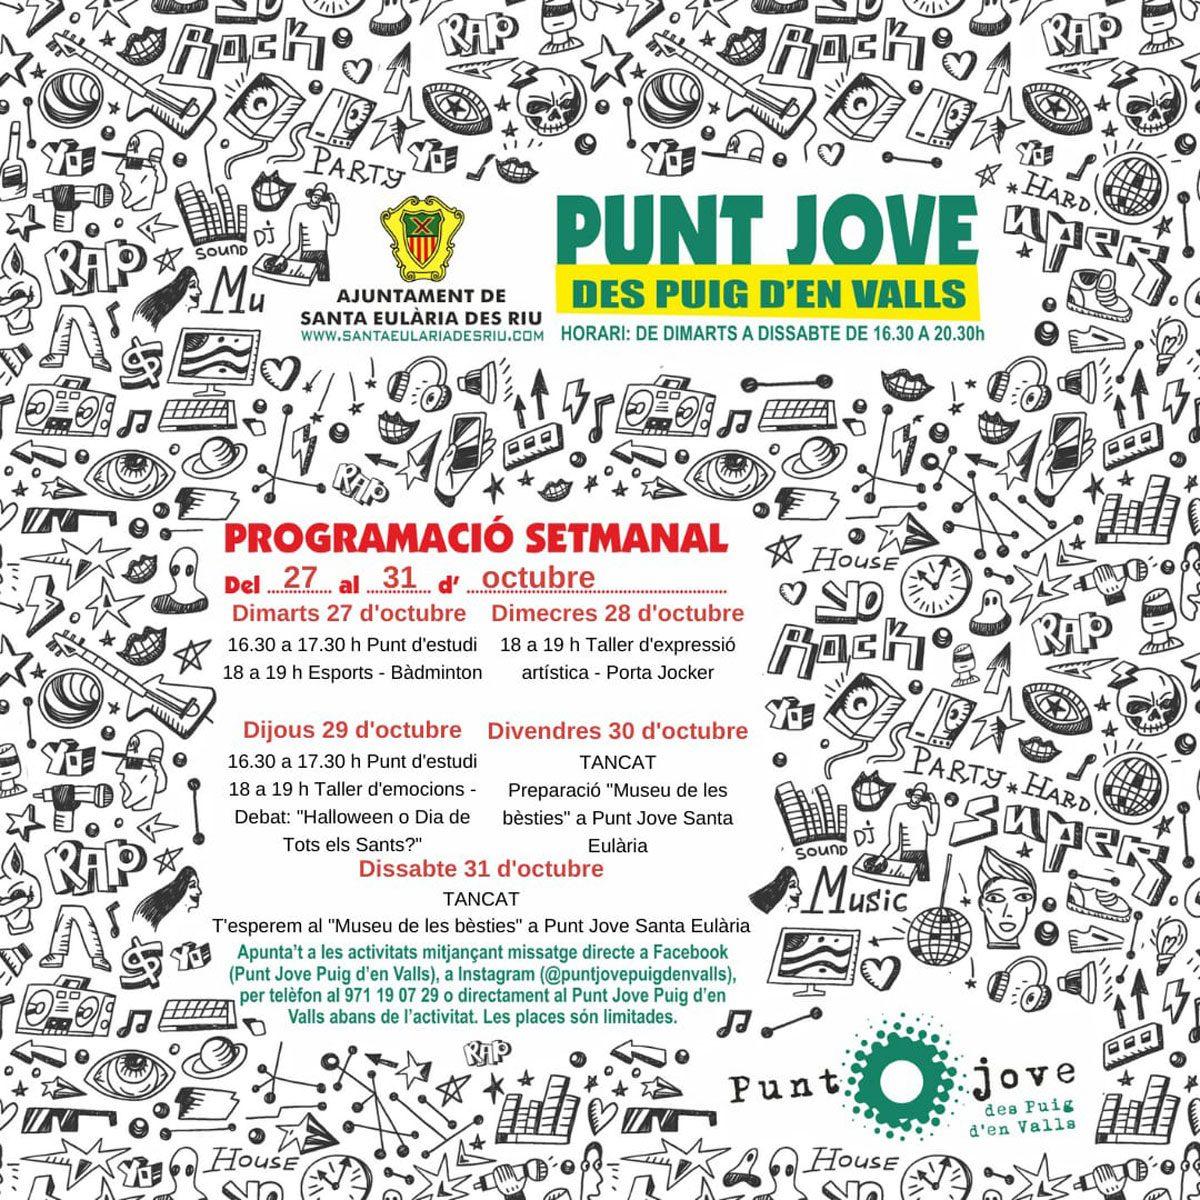 punt-jove-puig-den-valls-ibiza-2020-program-halloween-welcometoibiza